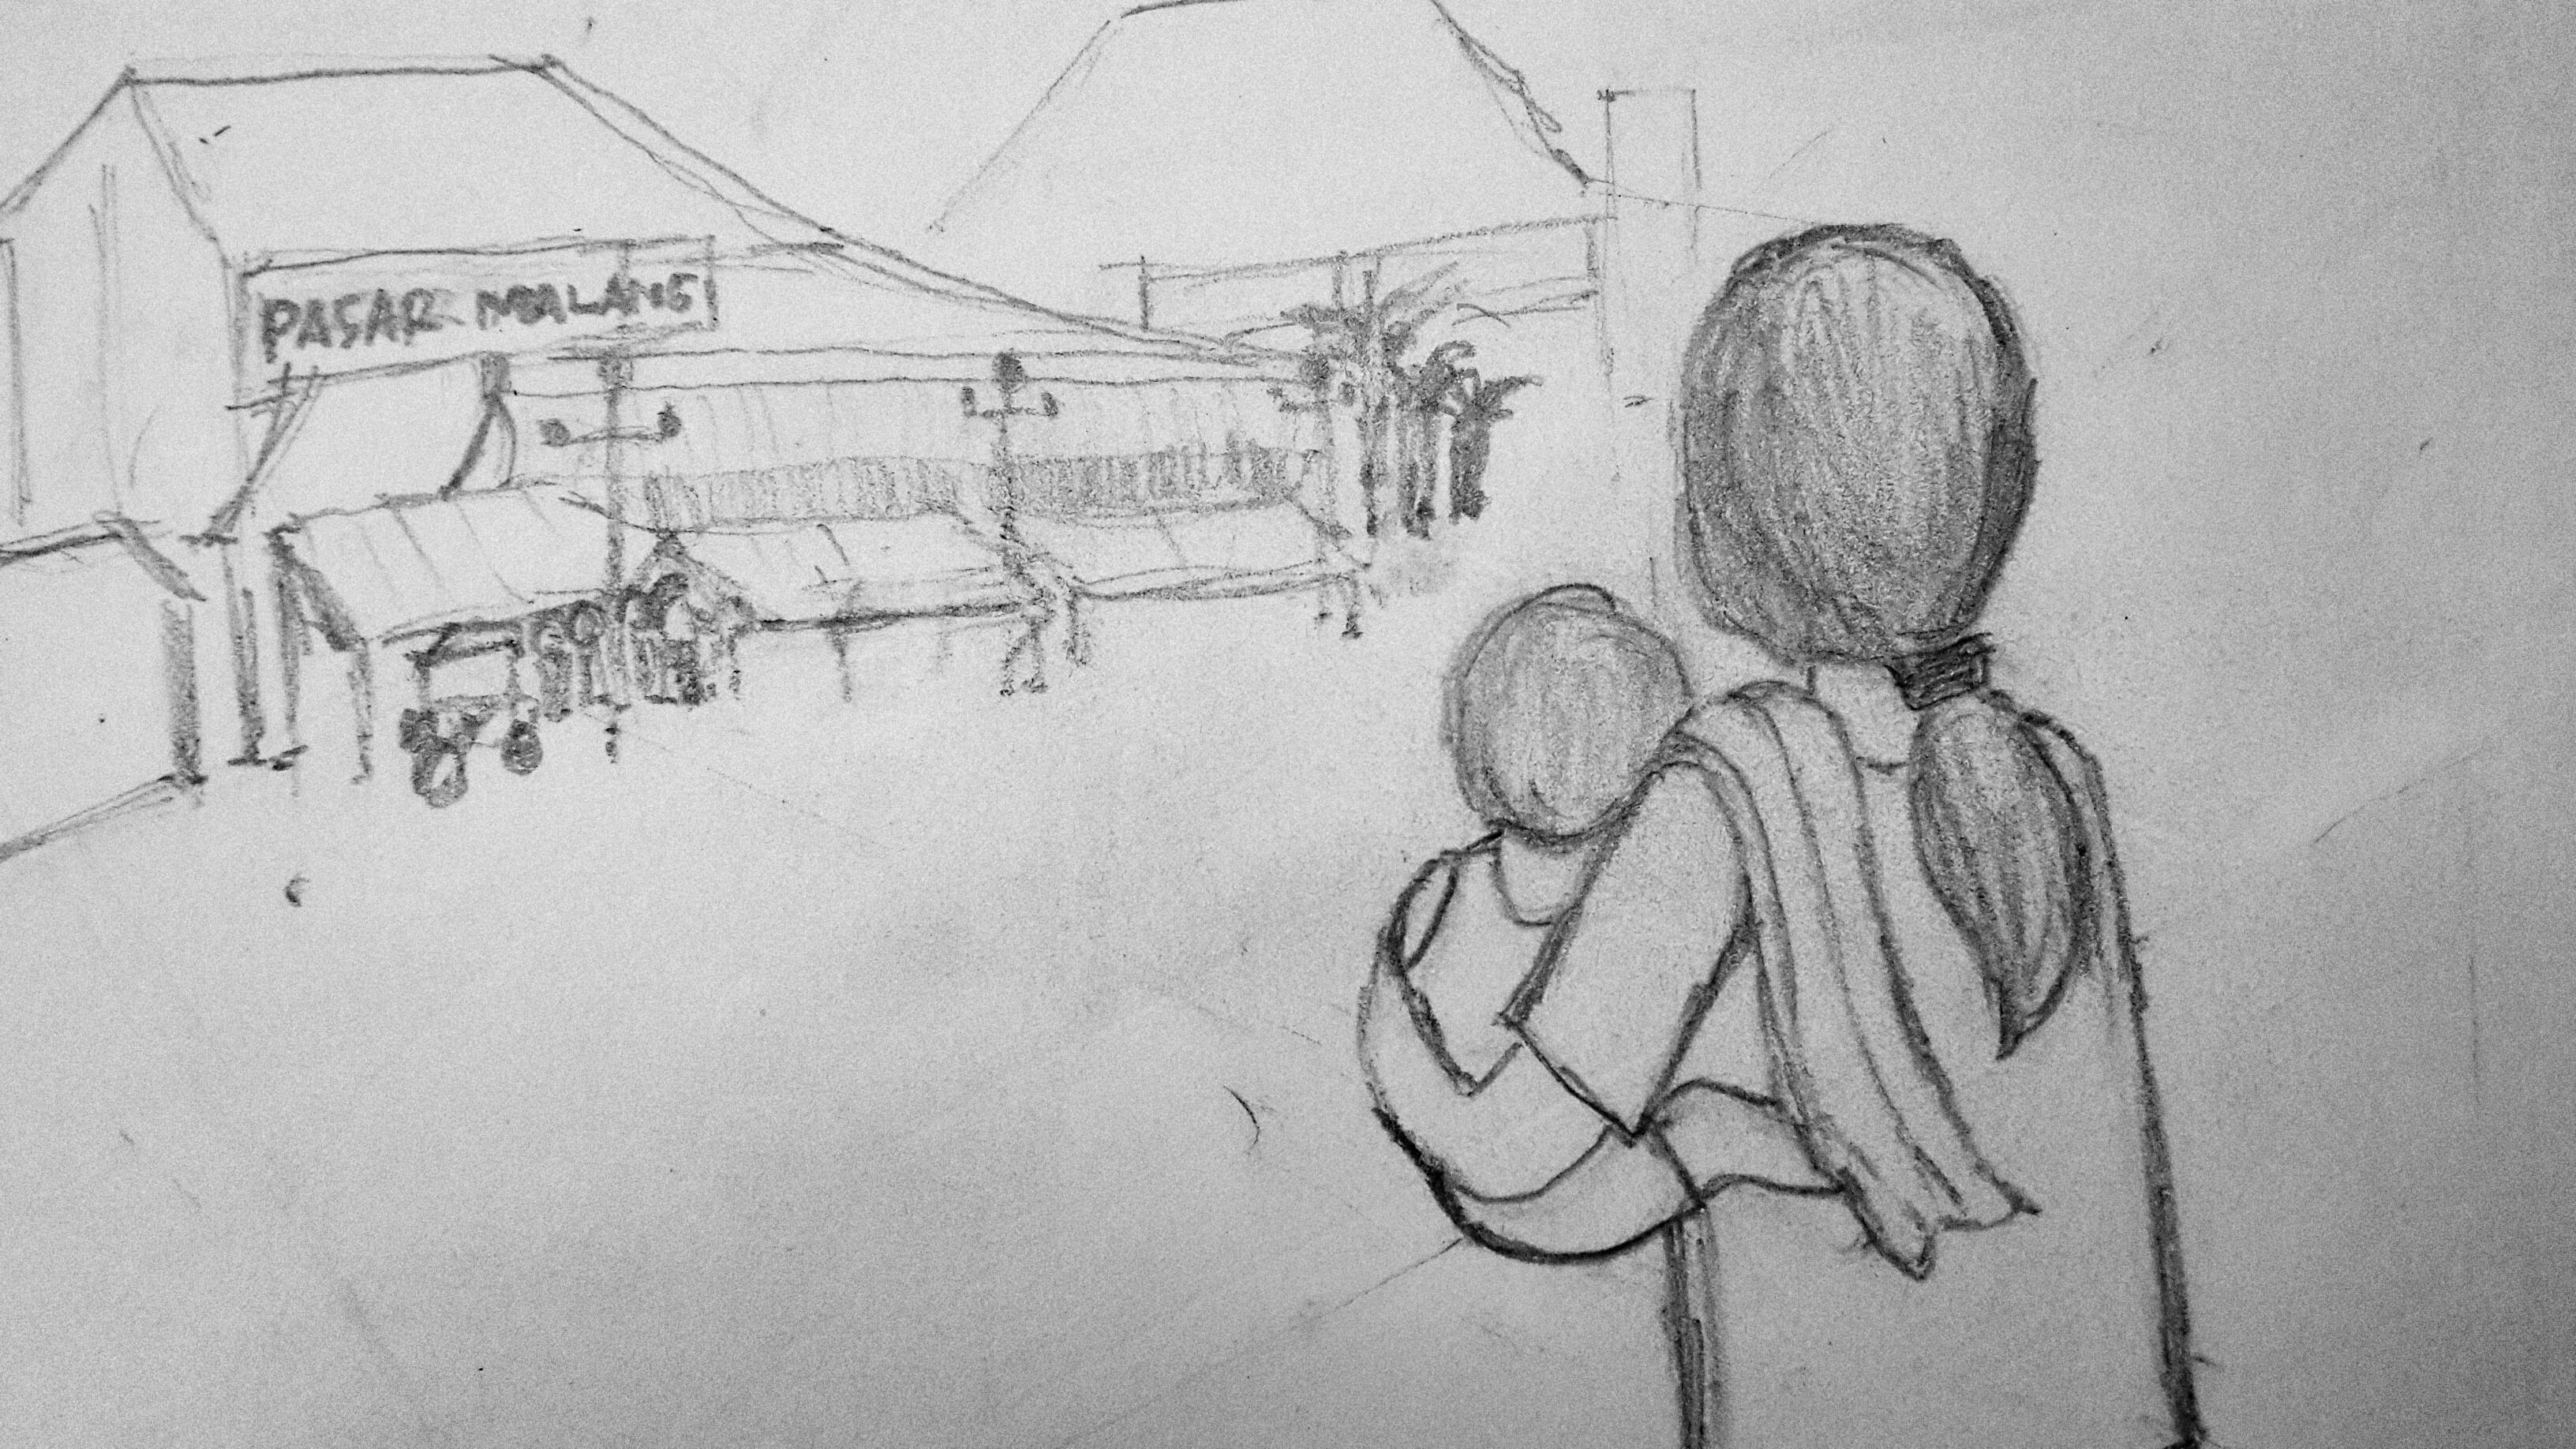 Gambar Sketsa Ilustrasi Sekolah Sobsketsa